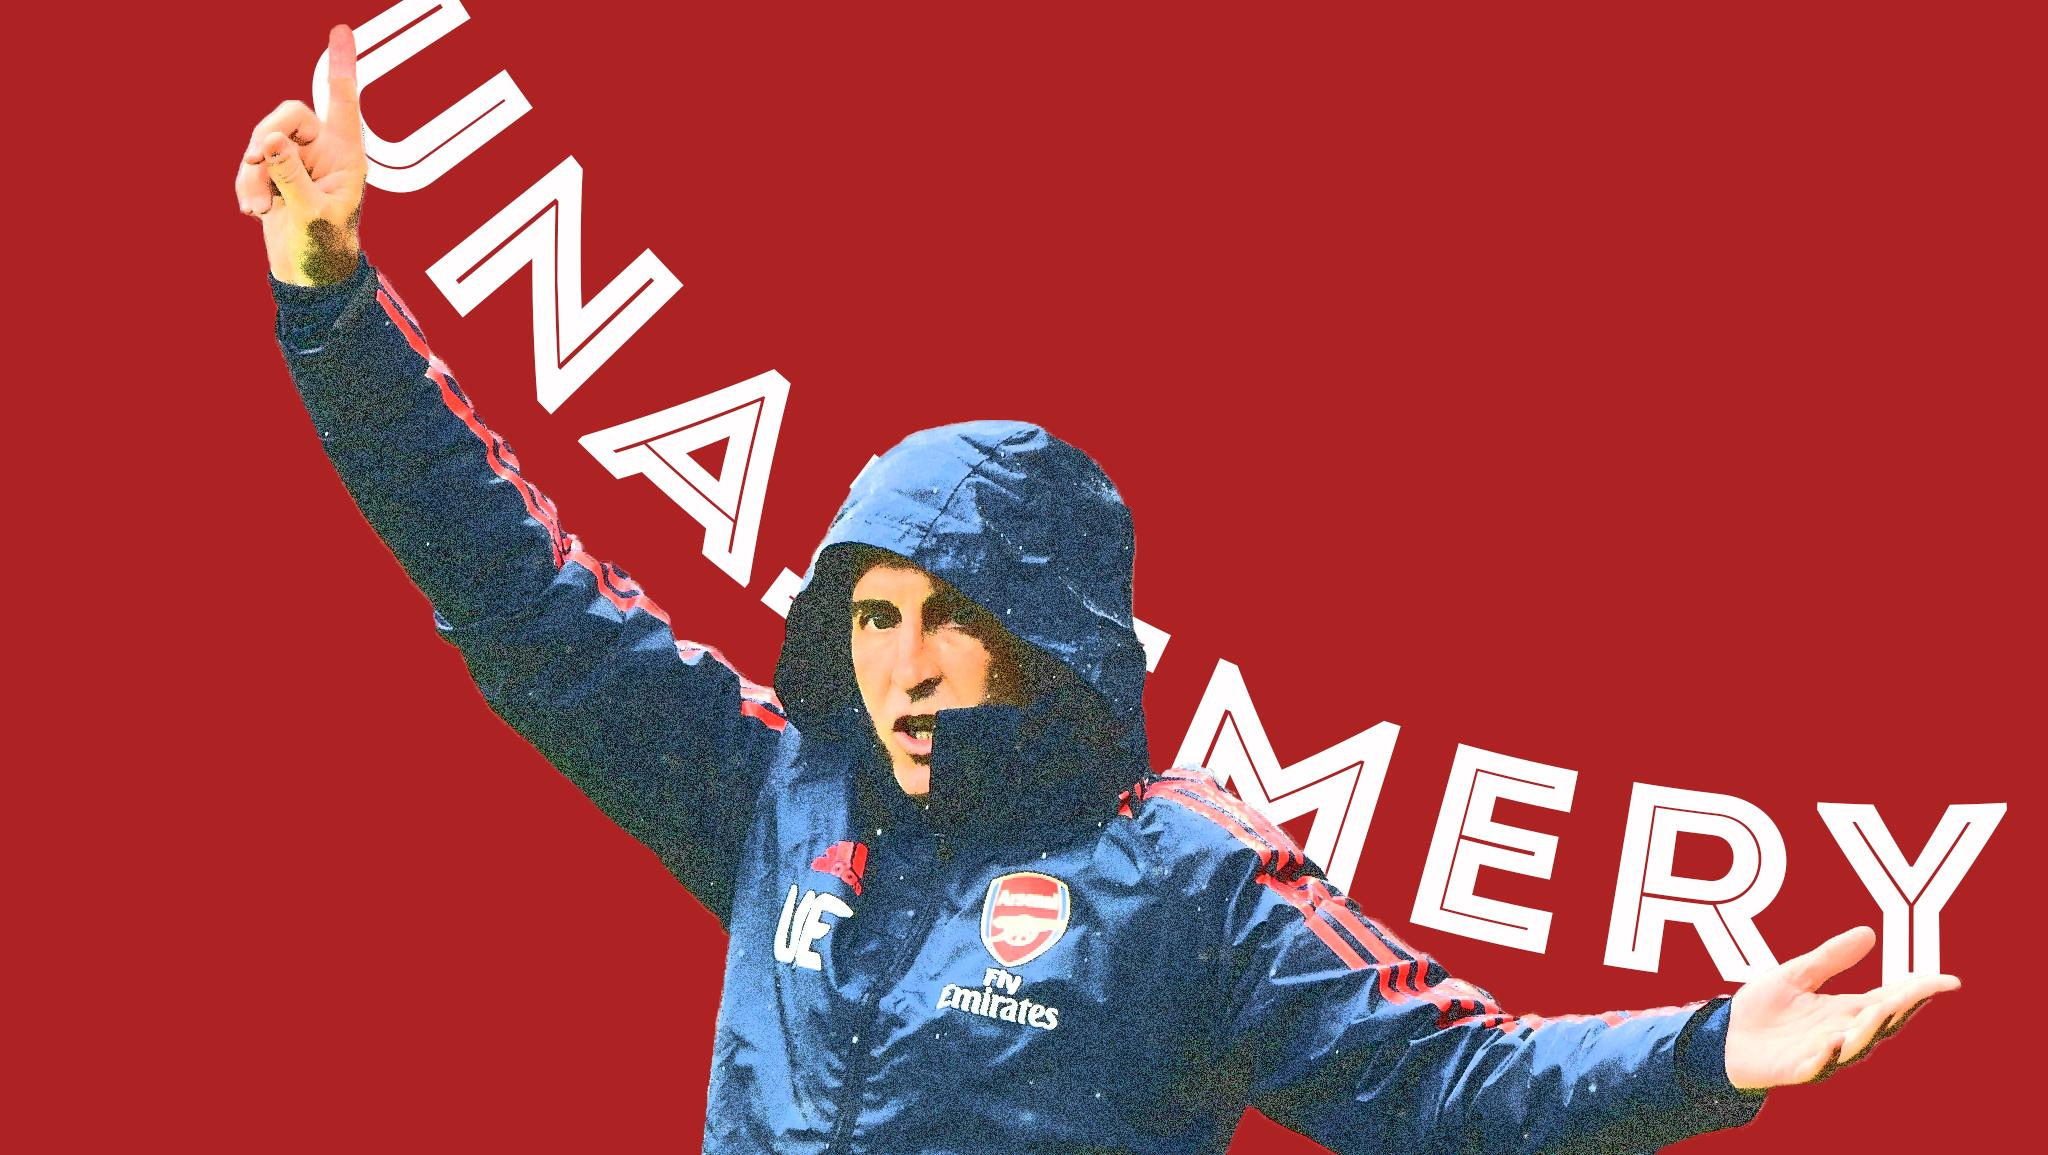 Unai Emery Arsenal London